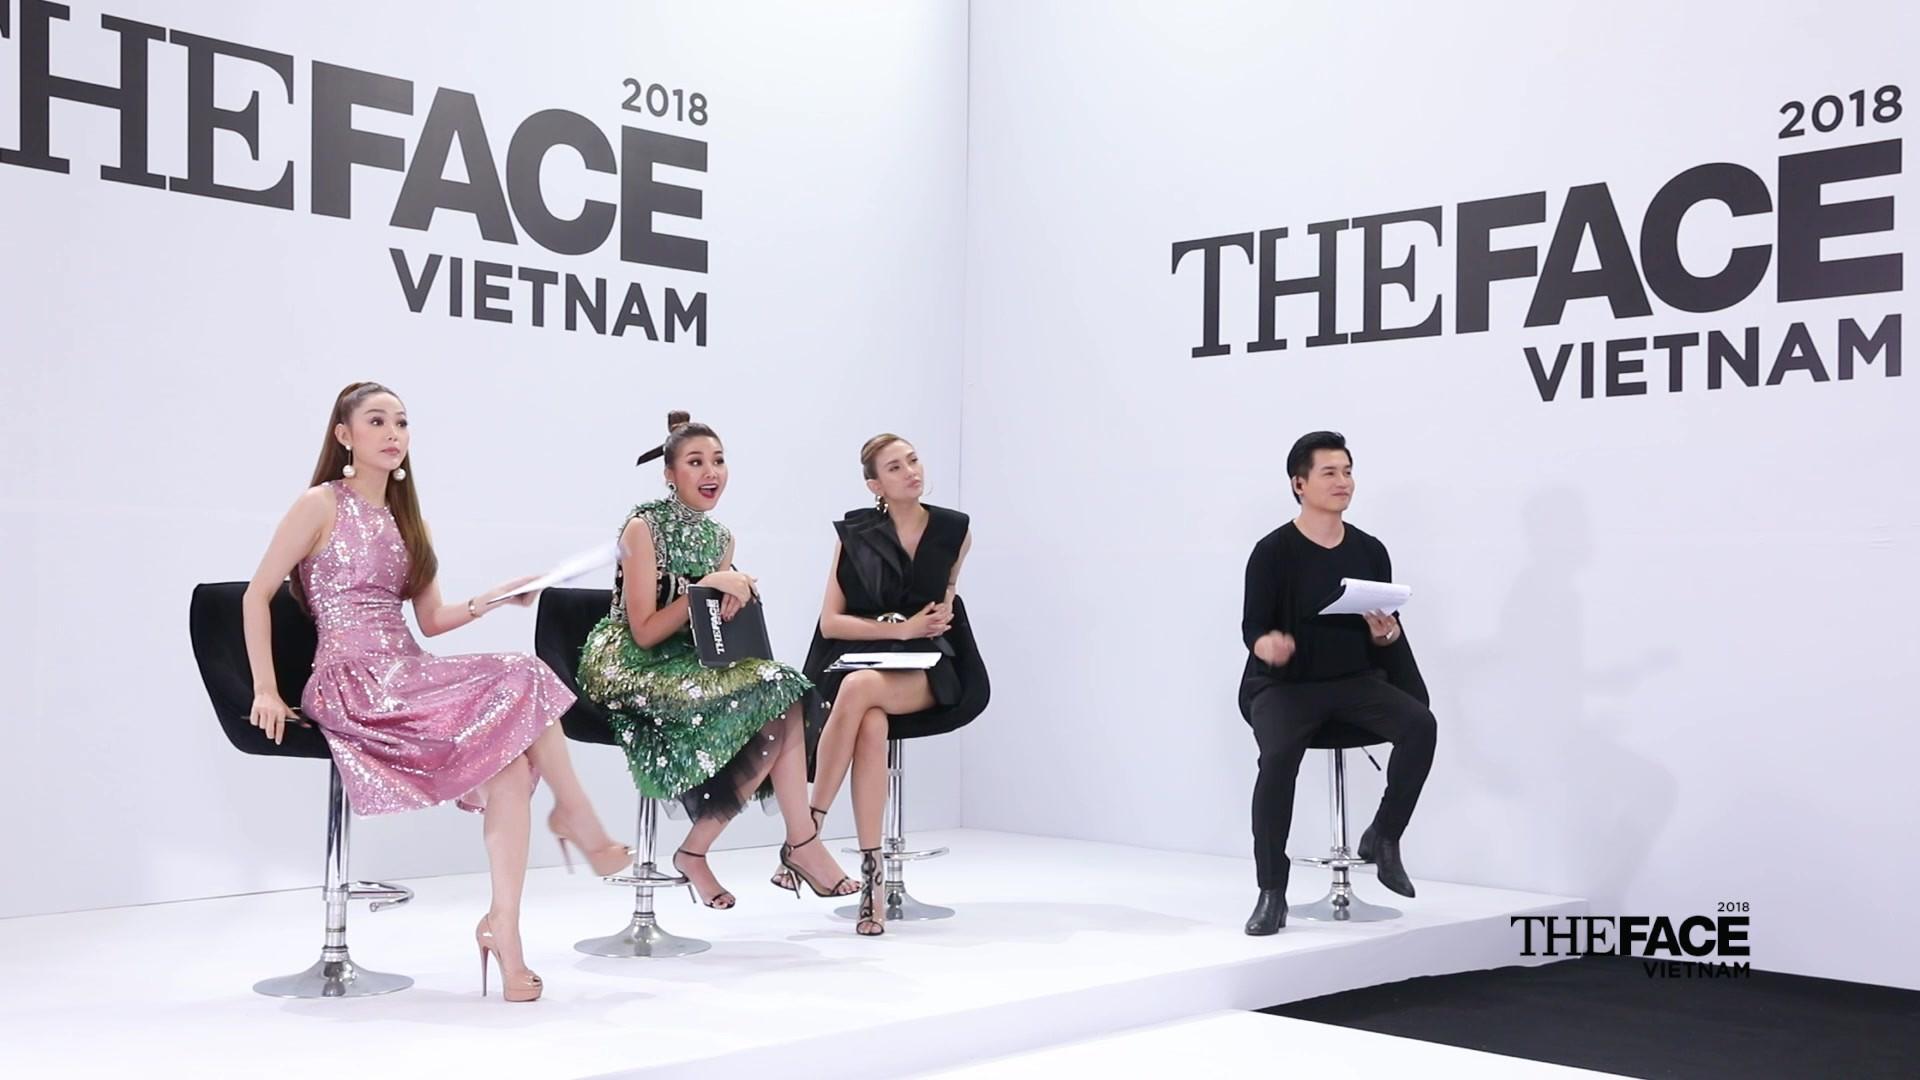 Trước mặt Minh Hằng, Thanh Hằng khẳng định: Đây là Hoa hậu, người mẫu, diễn viên  - Ảnh 2.